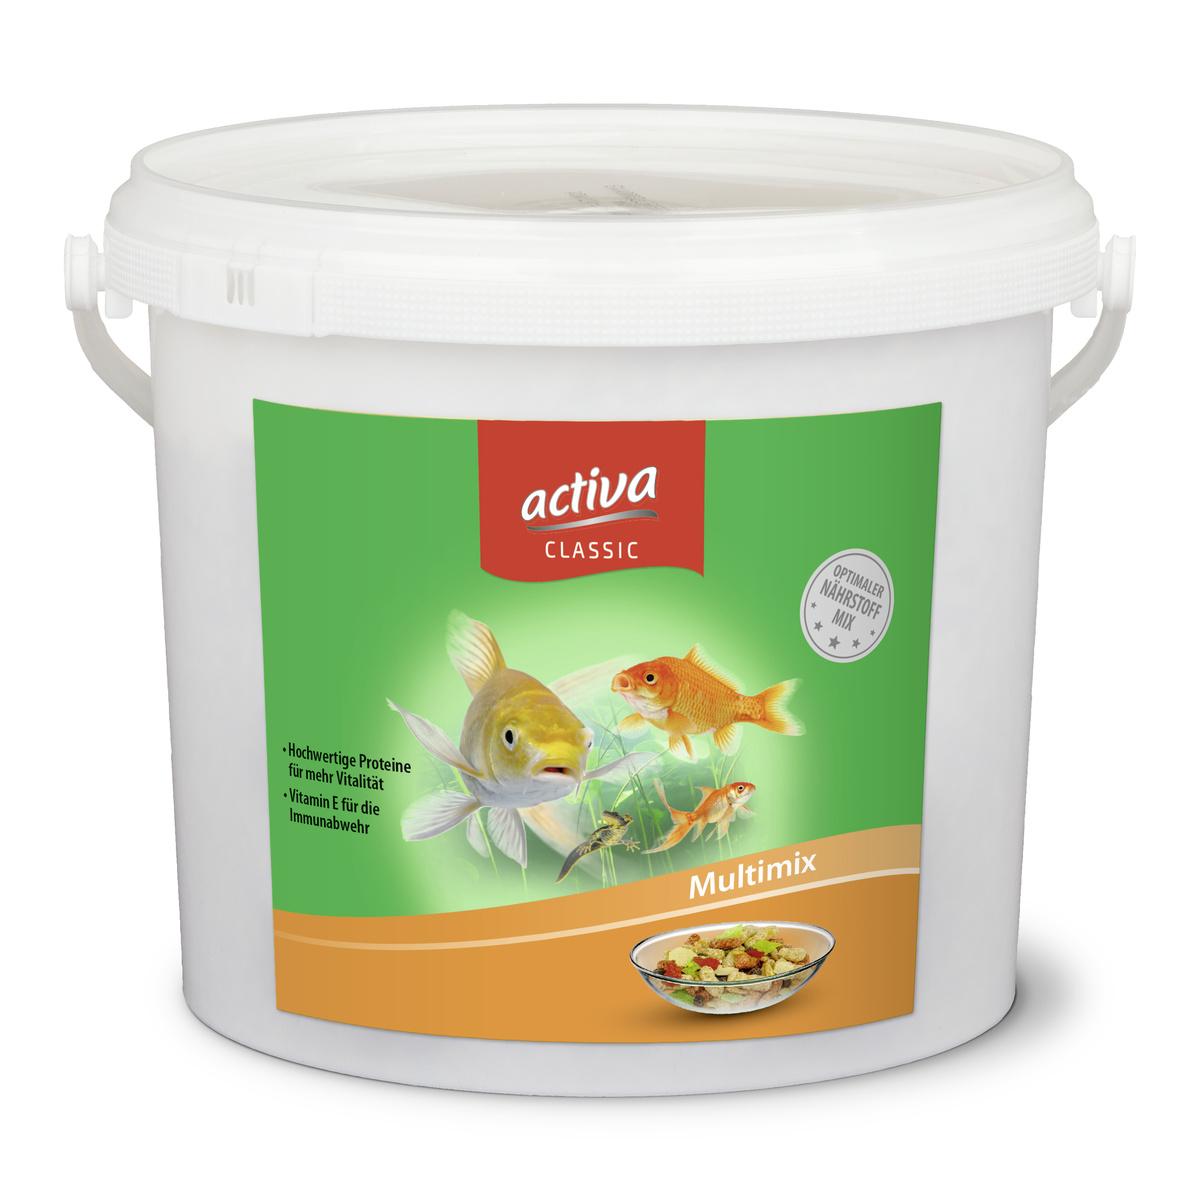 activa CLASSIC Multimix Hauptfutter für Zierfische im Gartenteich